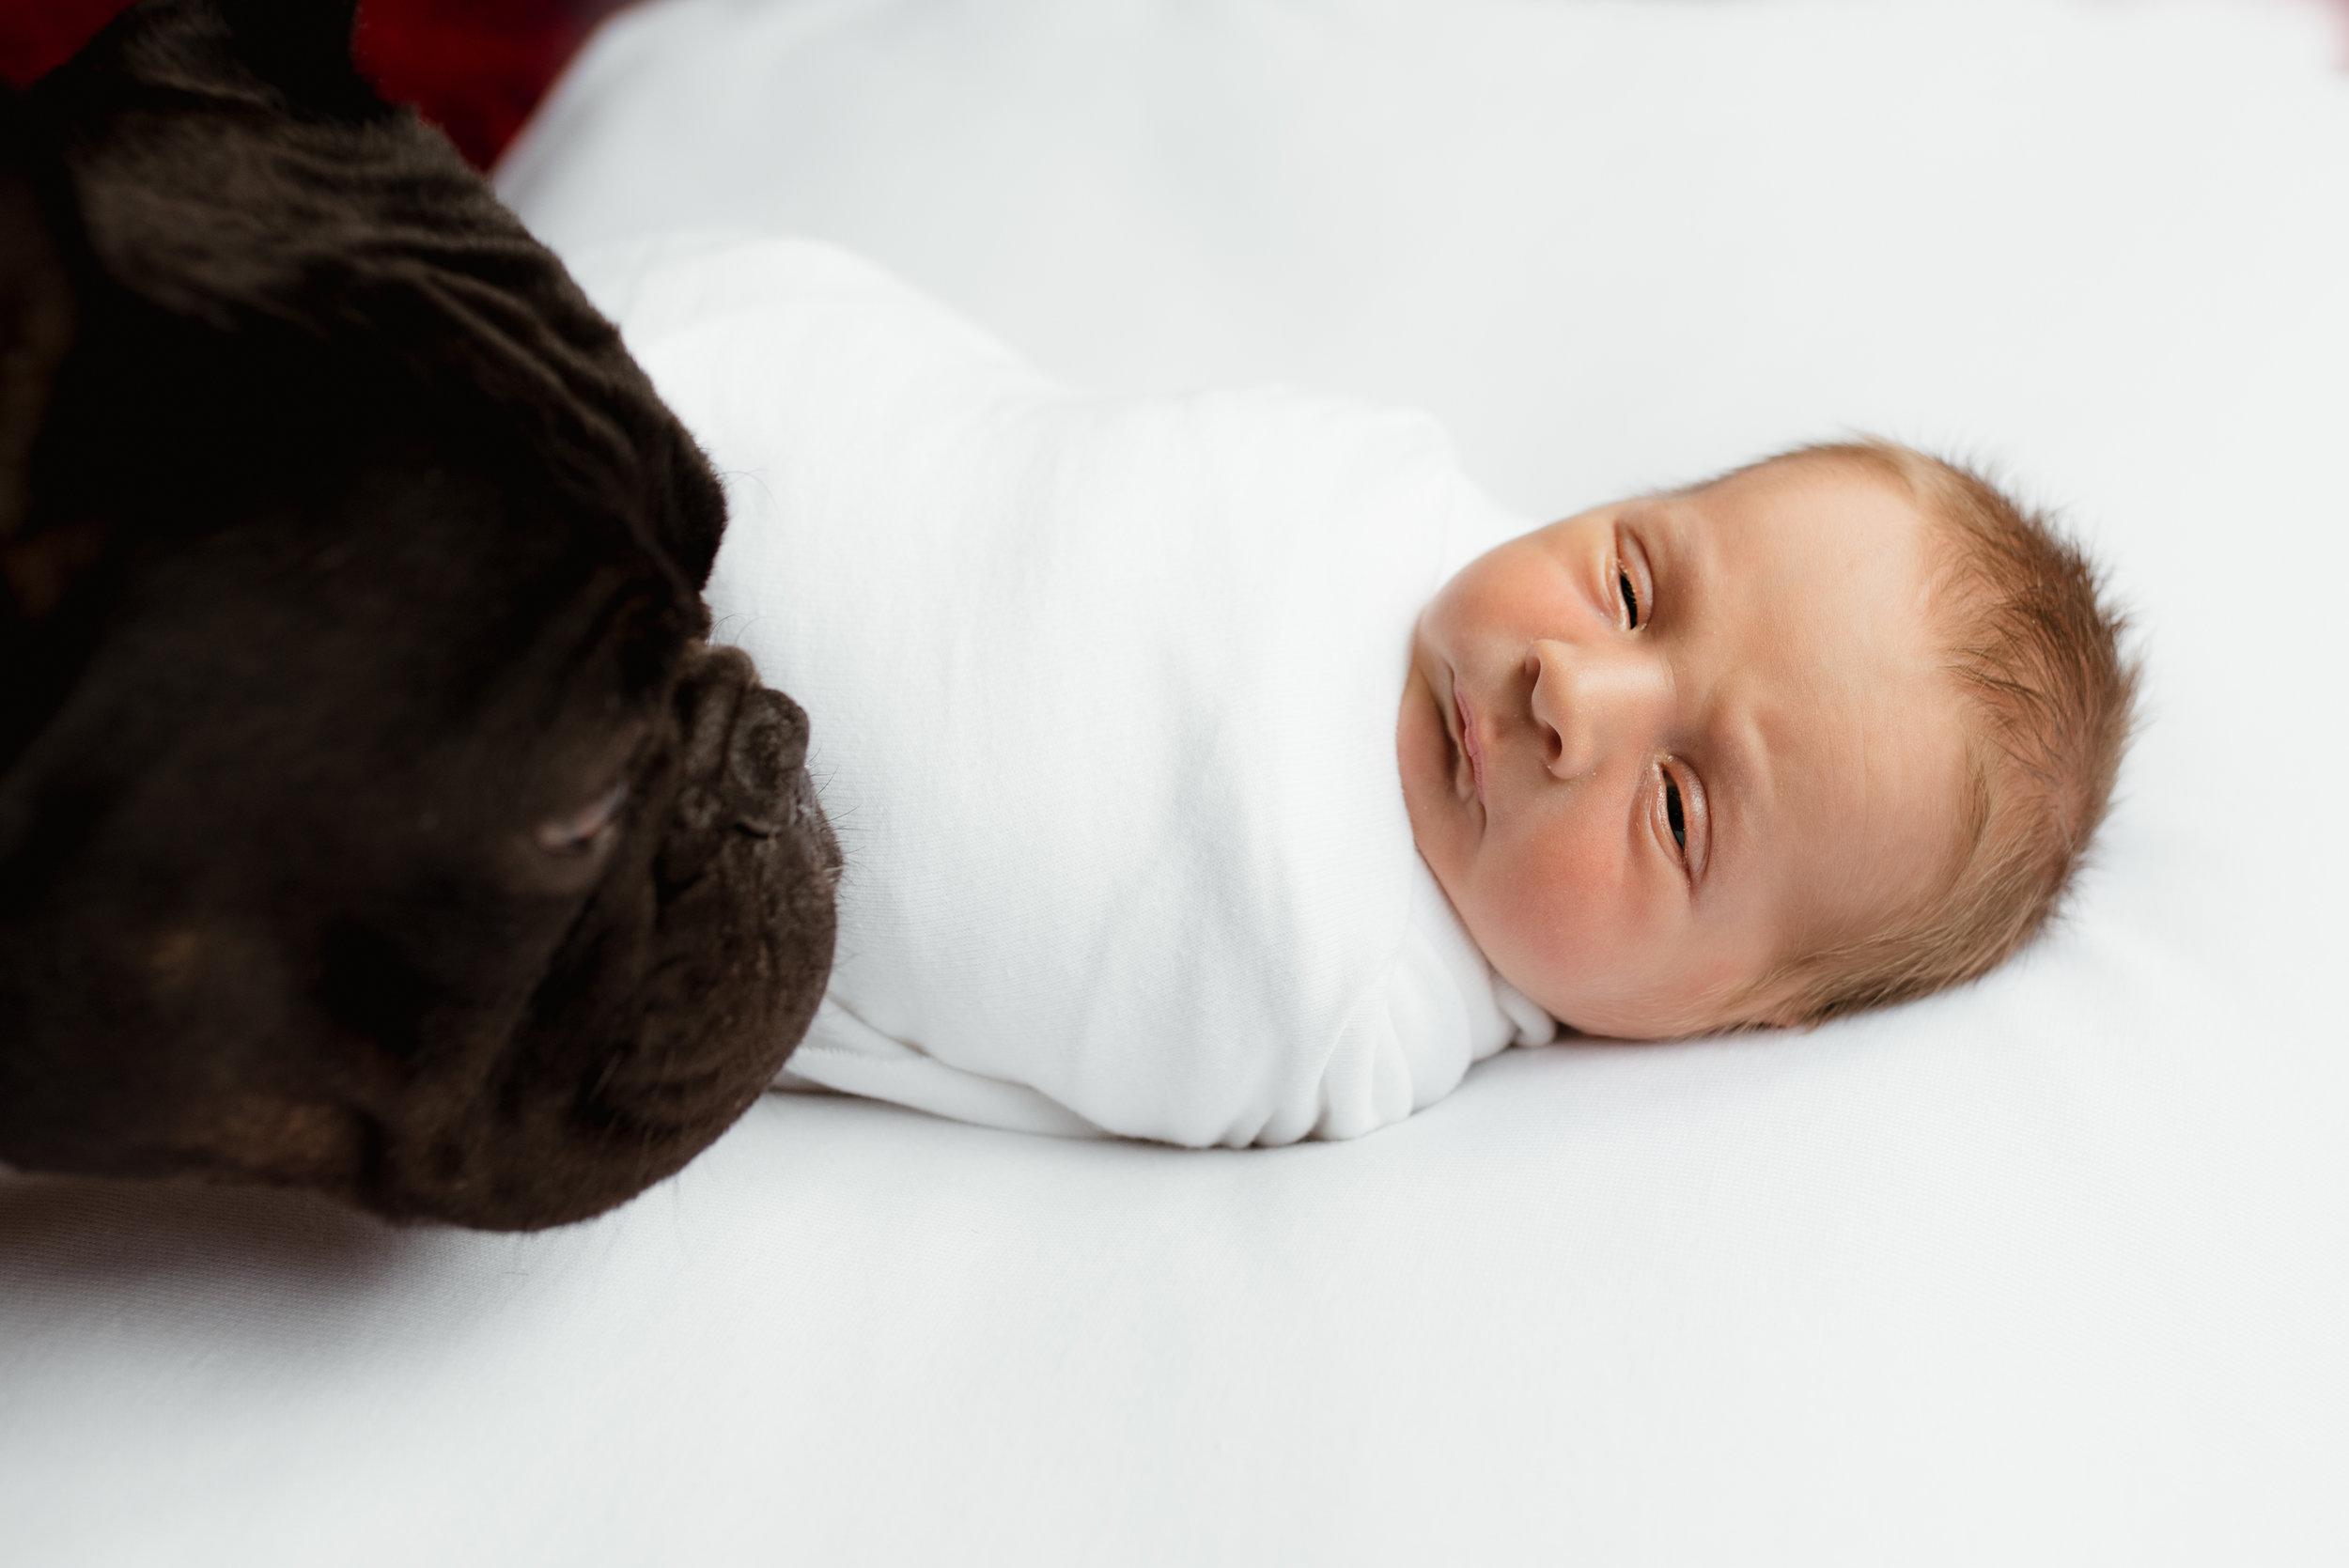 sleepy baby with pet dog